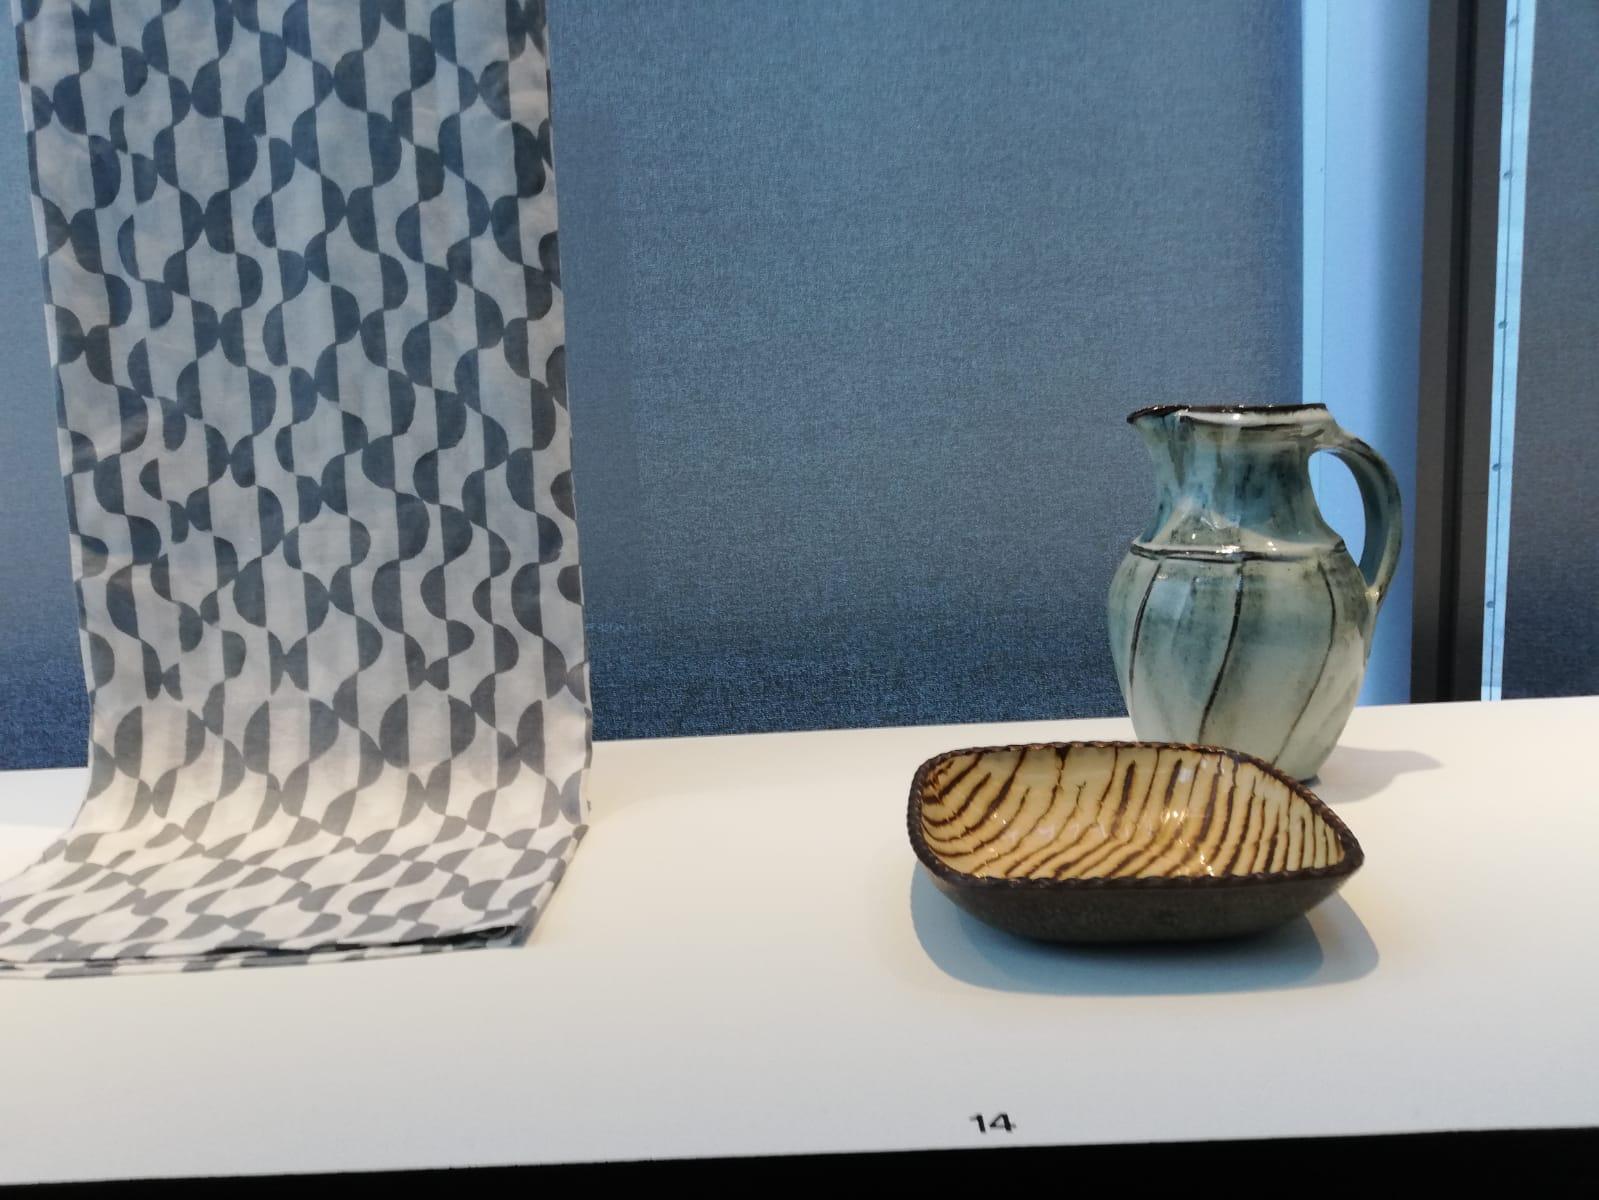 Contemporary Mingei work in 21 21 Exhibition